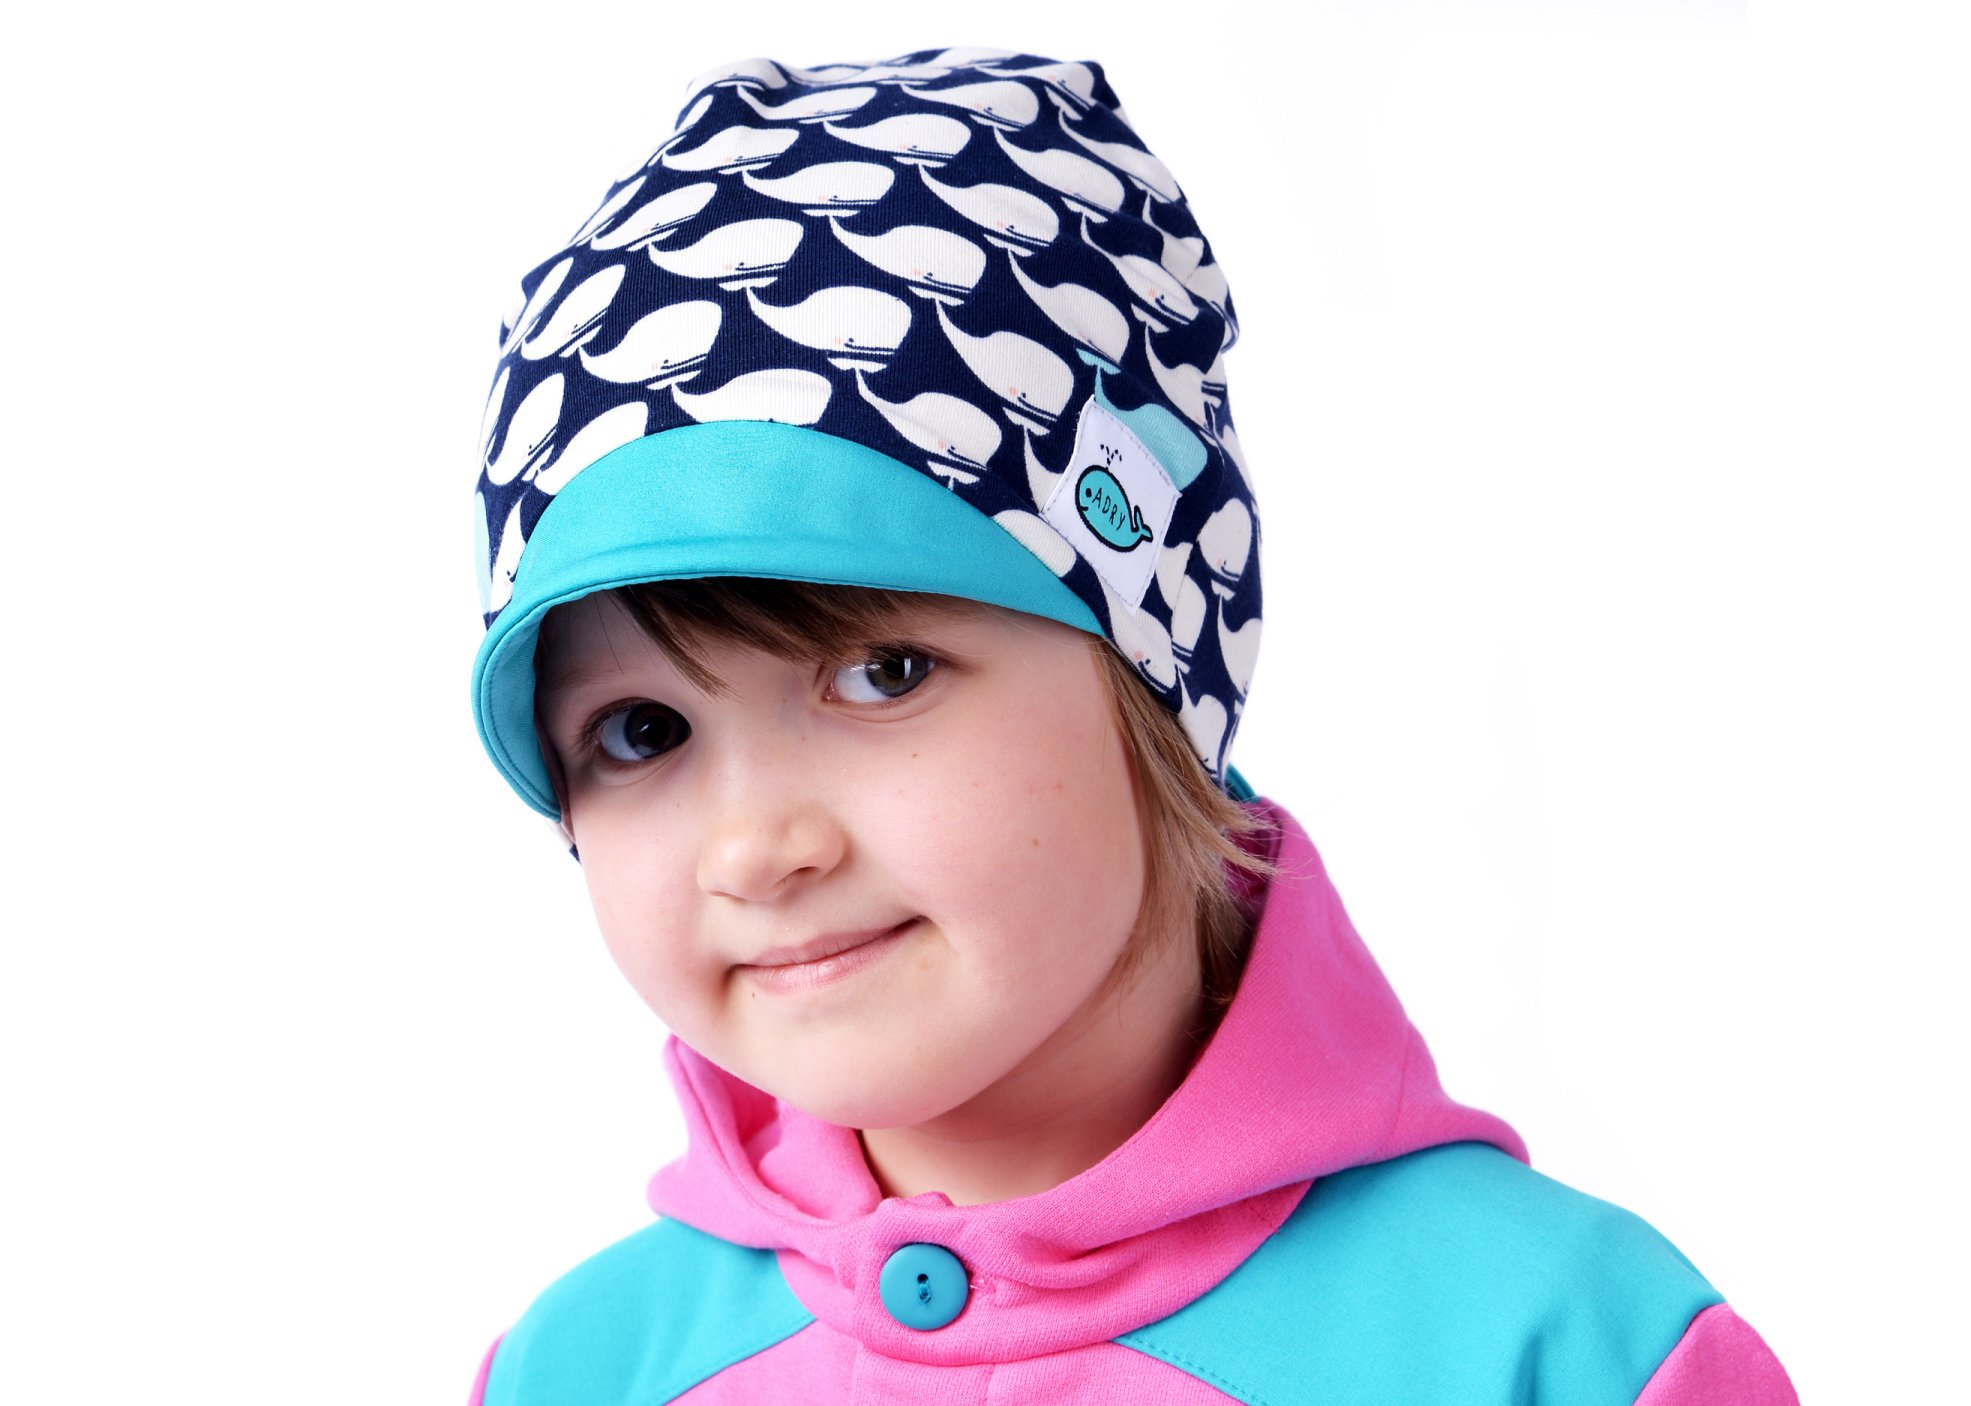 aa8fc6c5e16 Dětská čepice s kšiltem · Dětská čepice s kšiltem